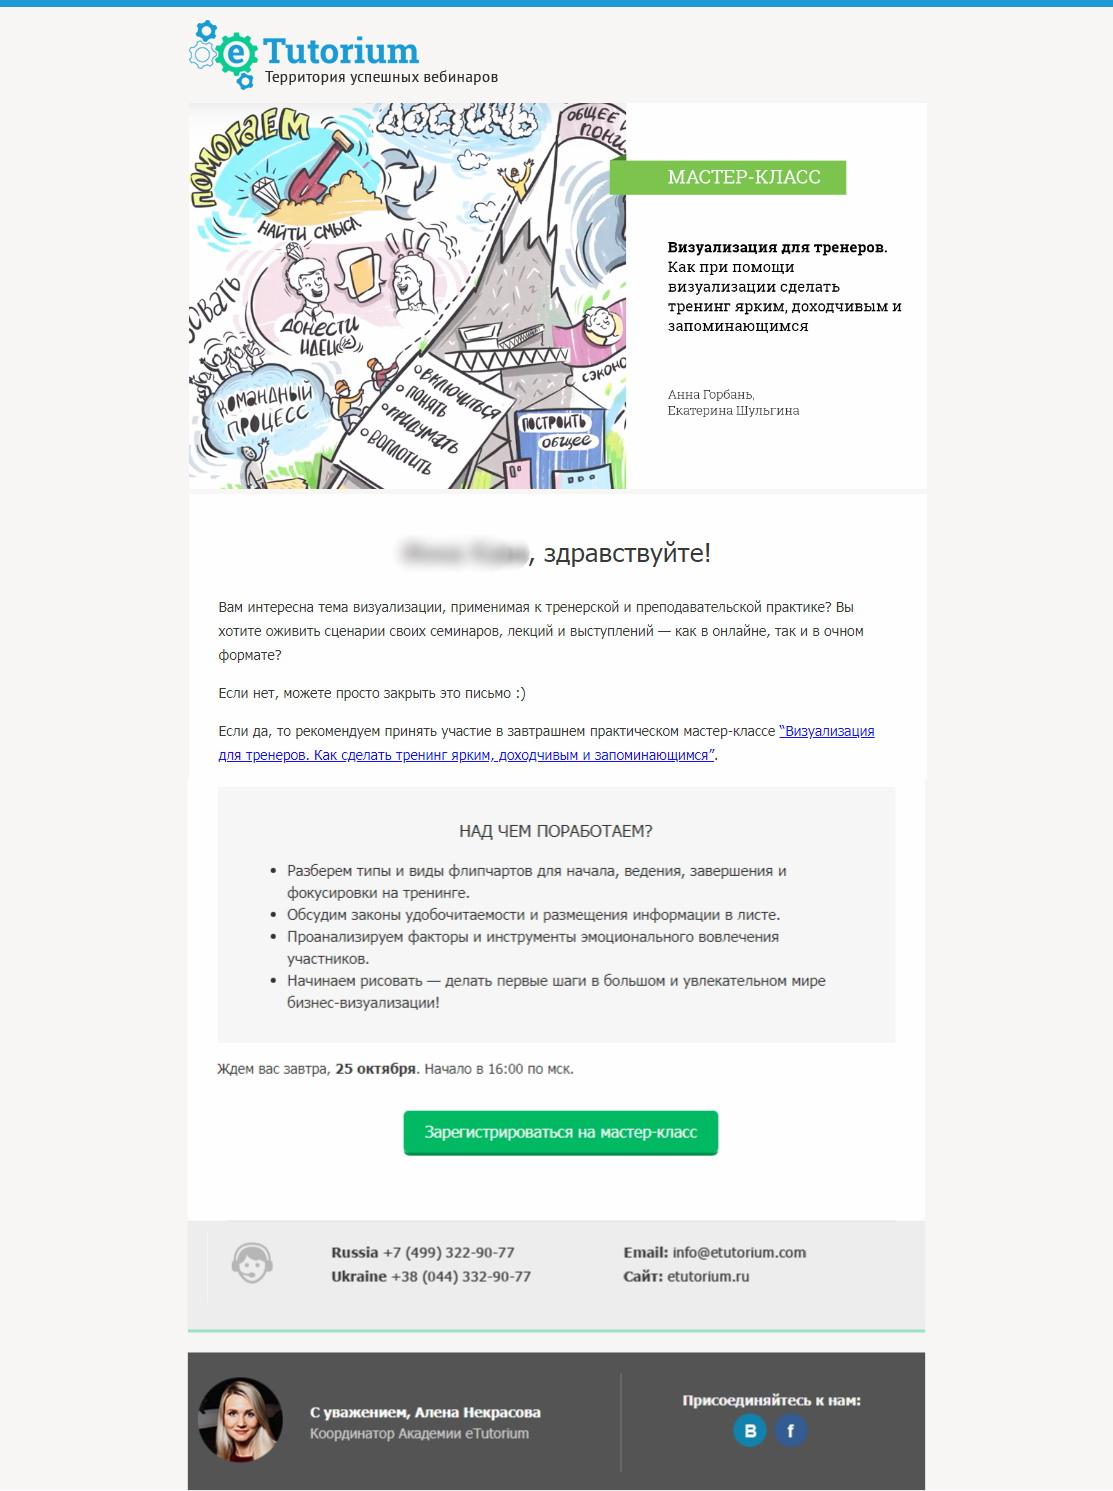 Серия писем для обучающей программы по визуализации тренингов от eTutorium: повторное приглашение